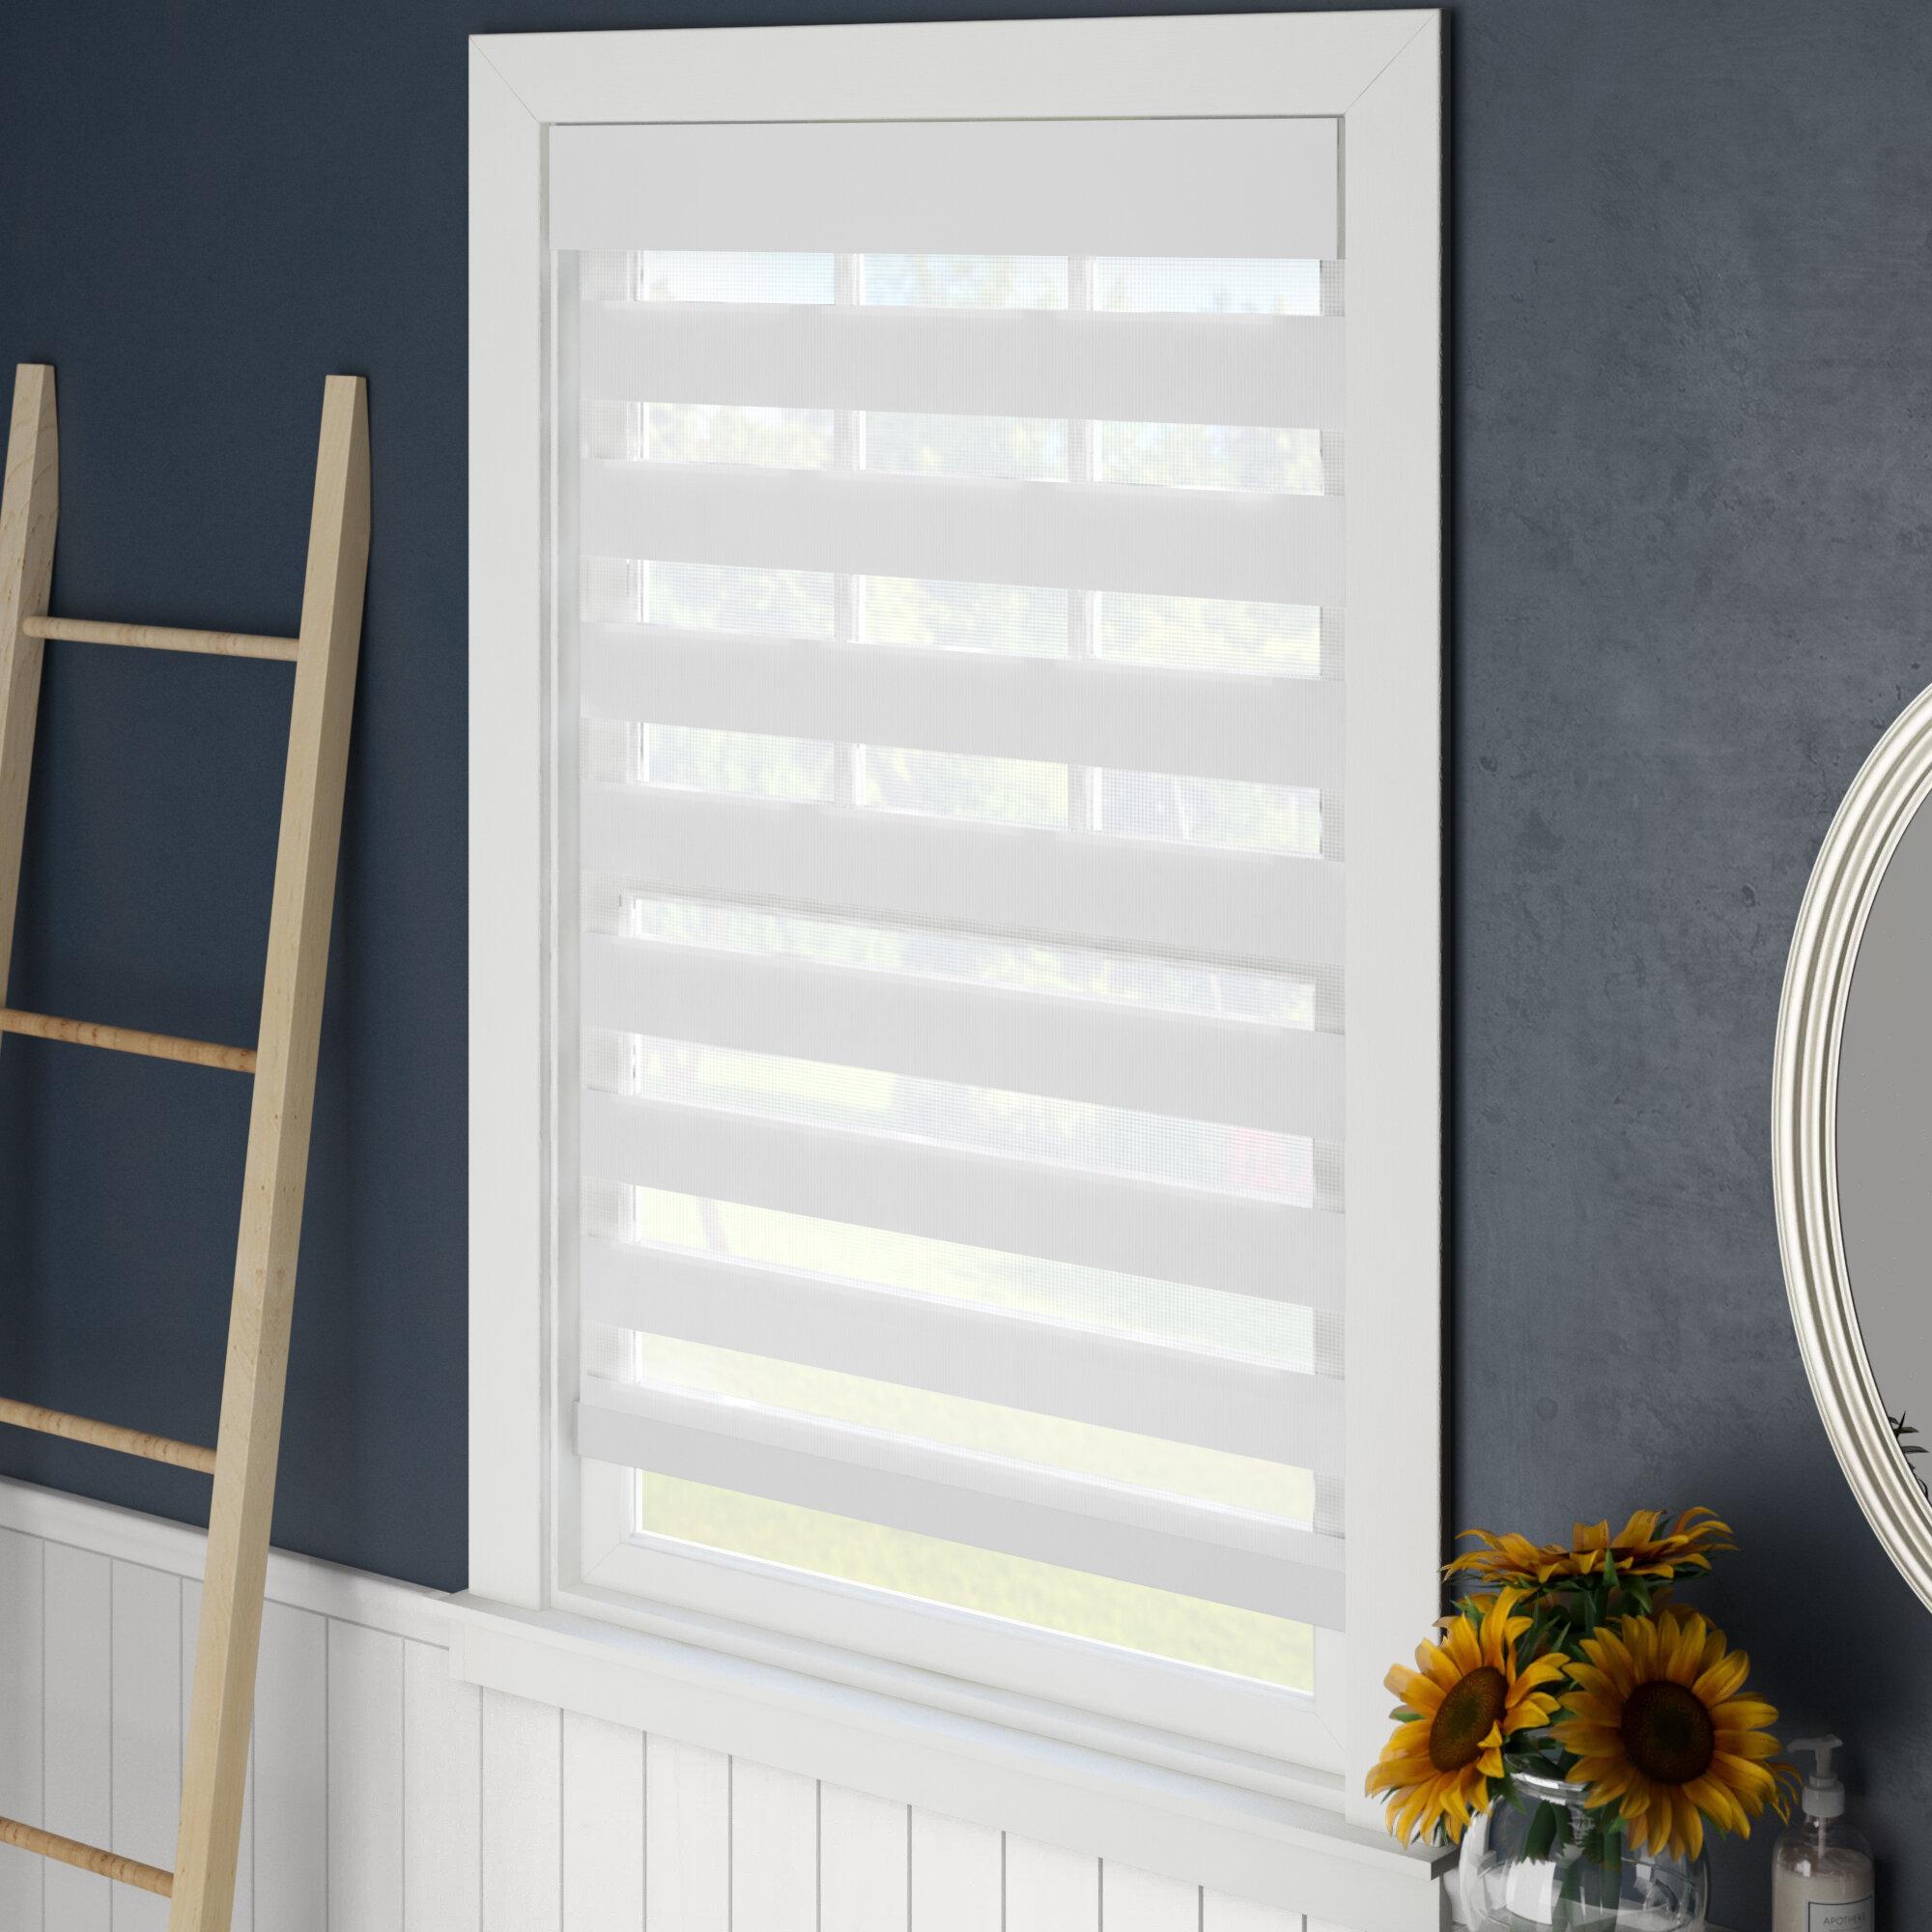 Amancer Simple Elegance Light Filtering Blind with Slats